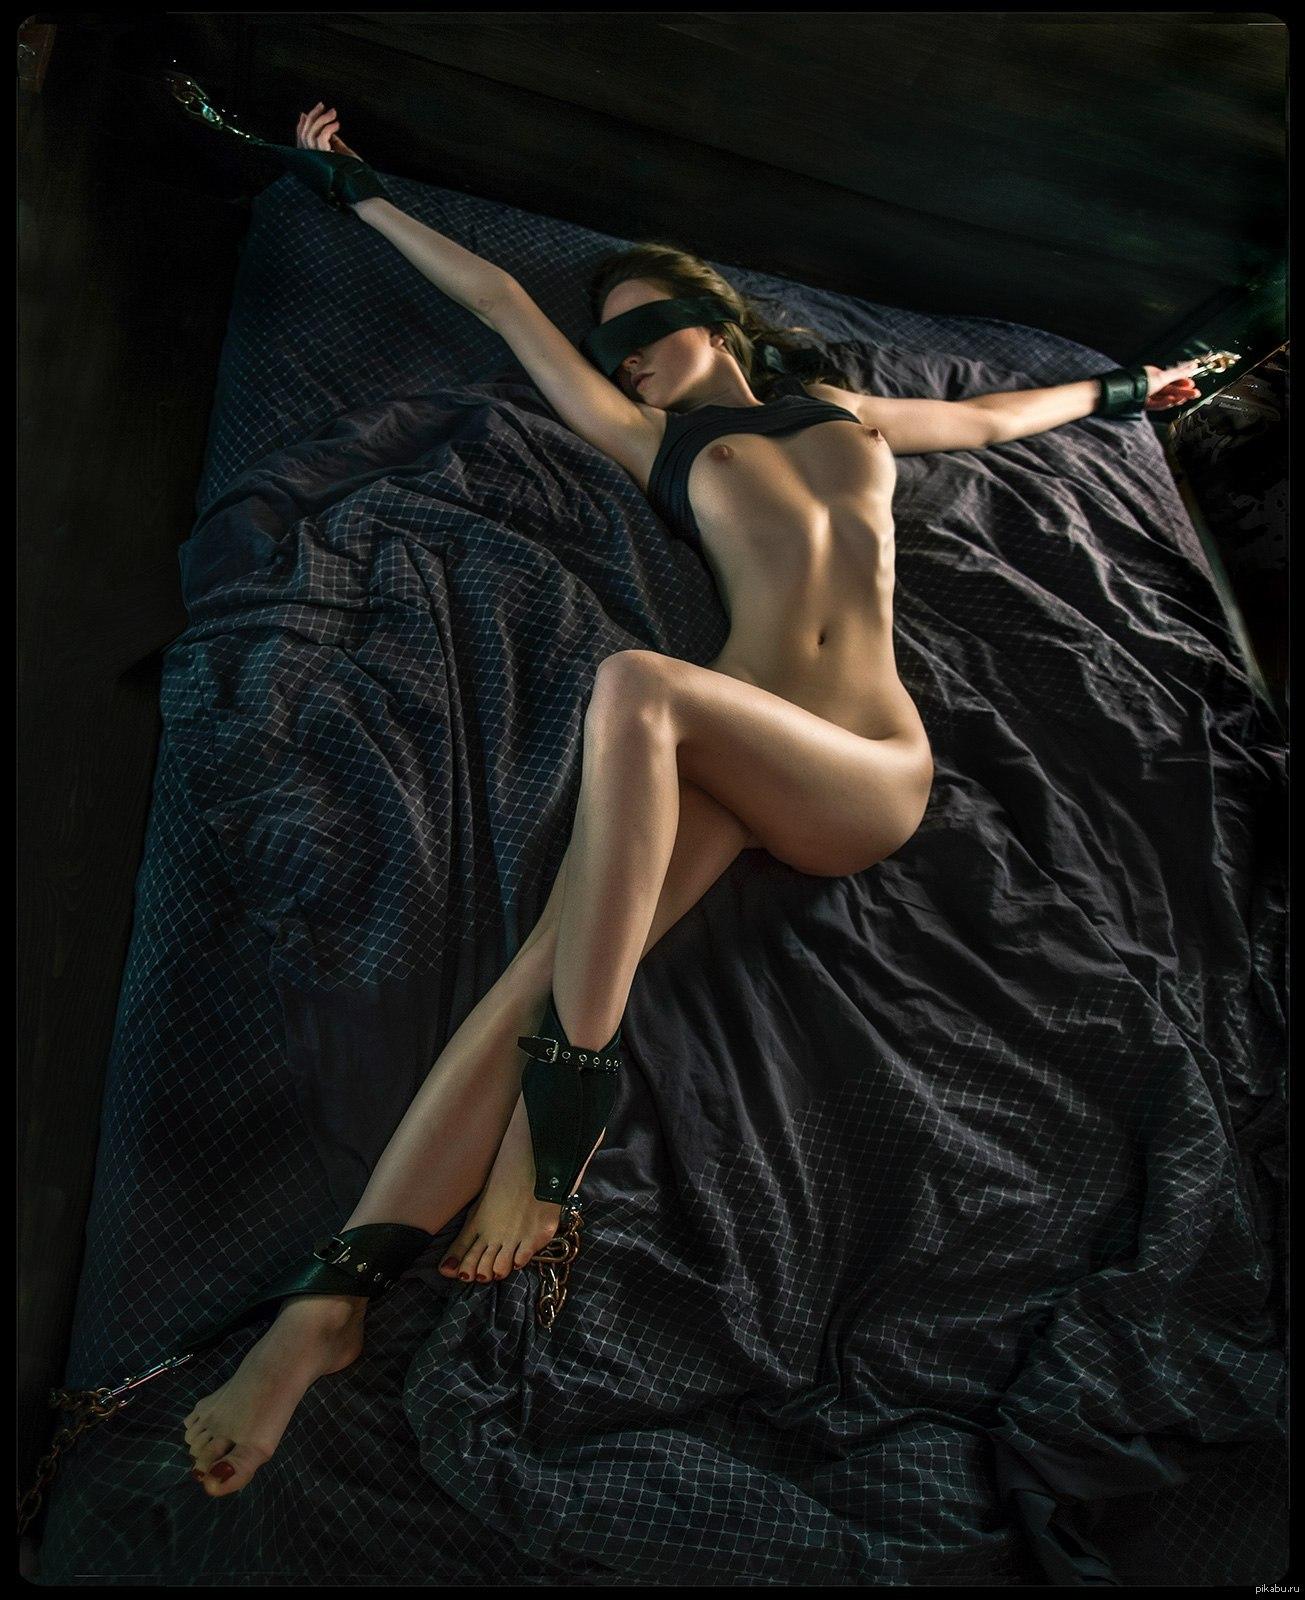 Эротика фантазия фото 8 фотография